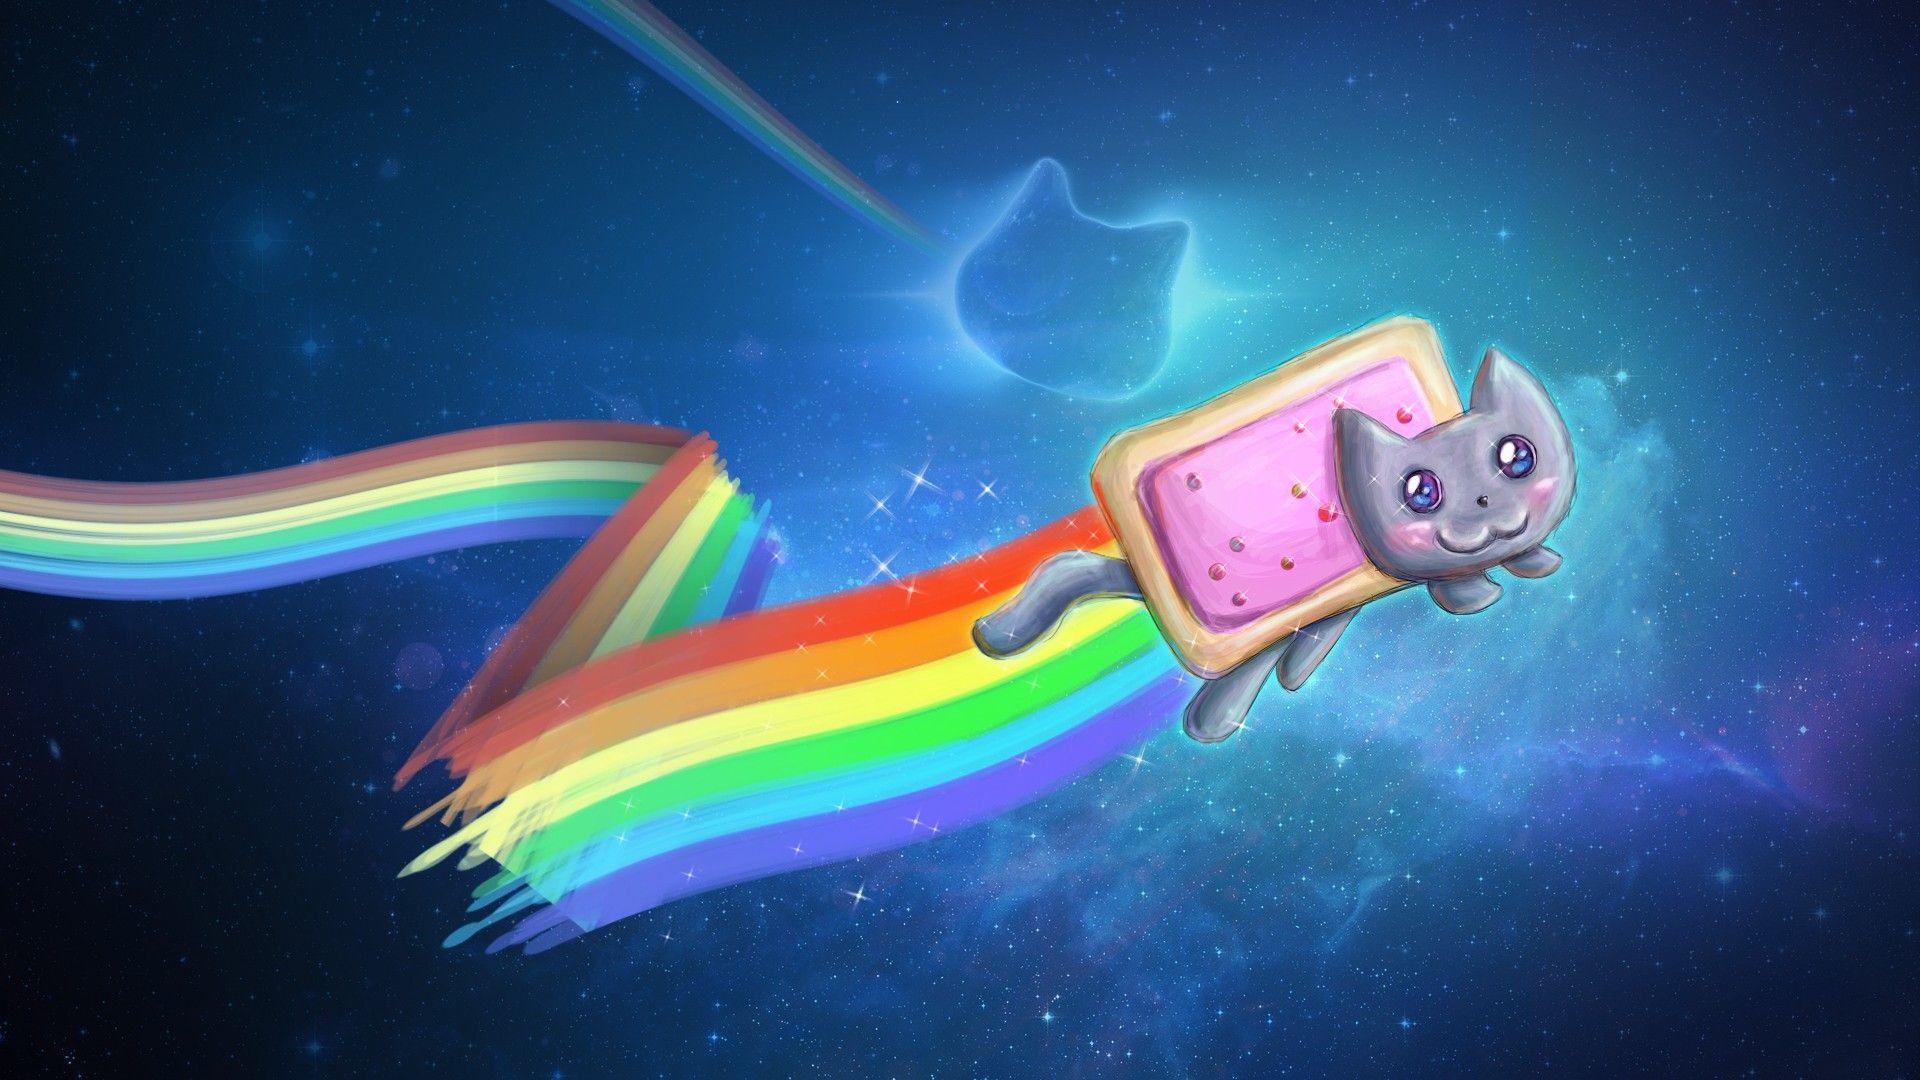 Nyan Cat Pop Tart Wallpaper Like This Nyan Cat Cats Et Cat